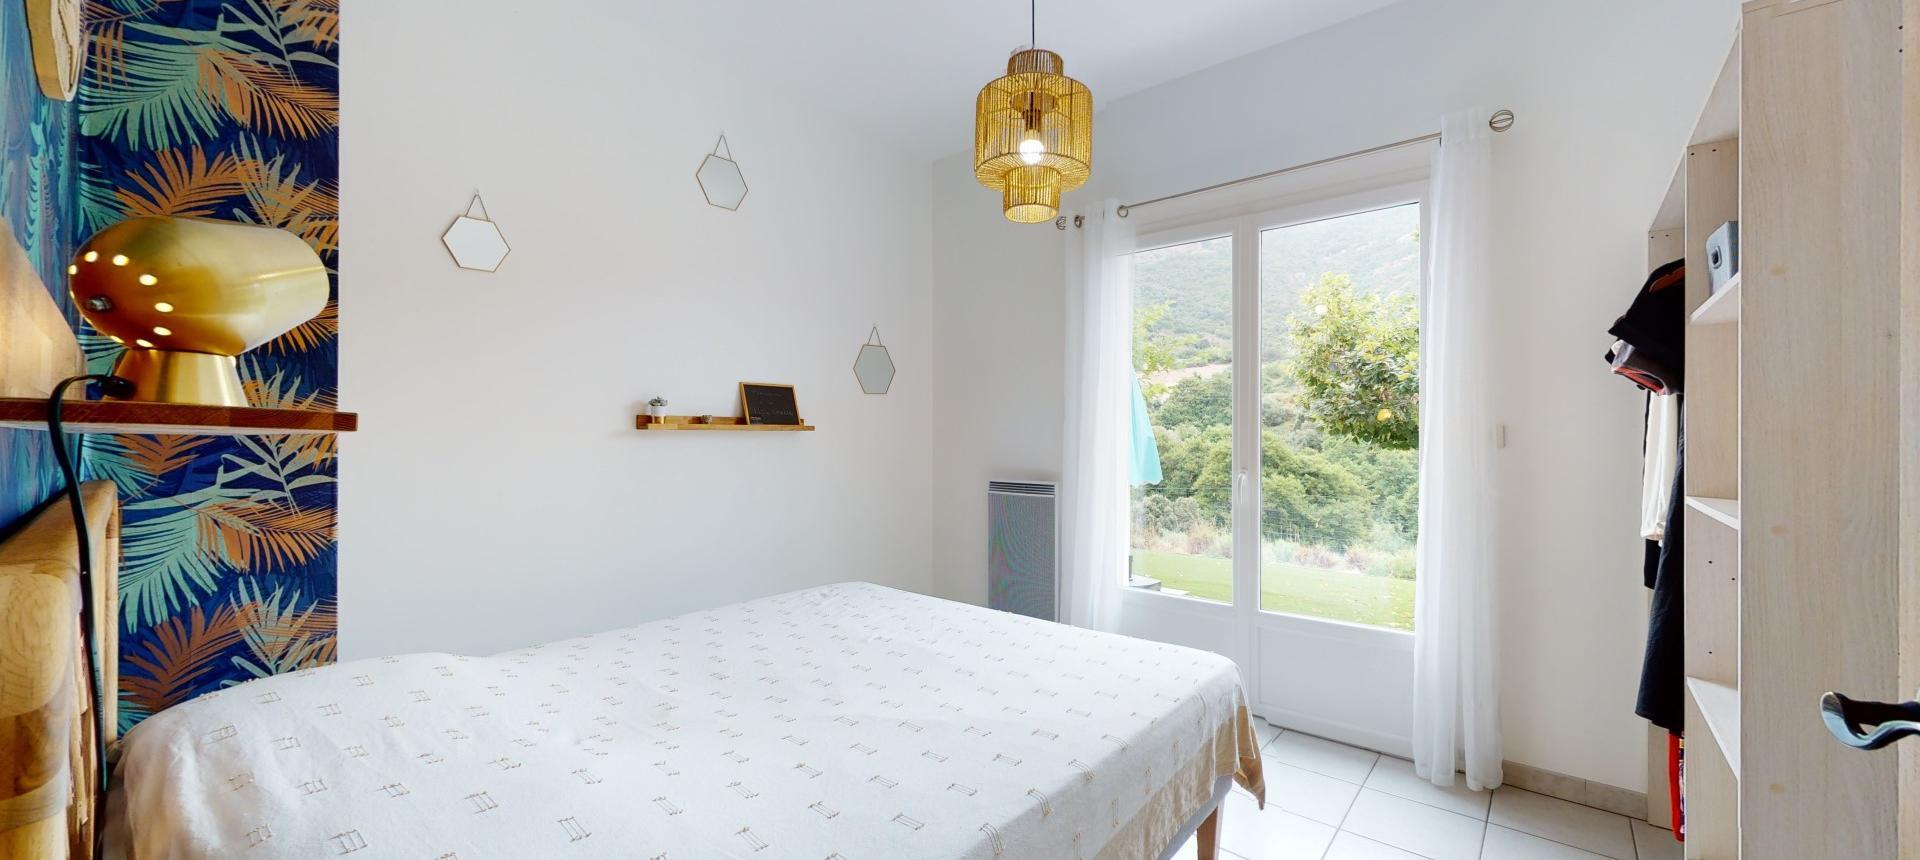 Villa à vendre proche Ajaccio - San Benedetto - Vue chambre 3 - RDJ